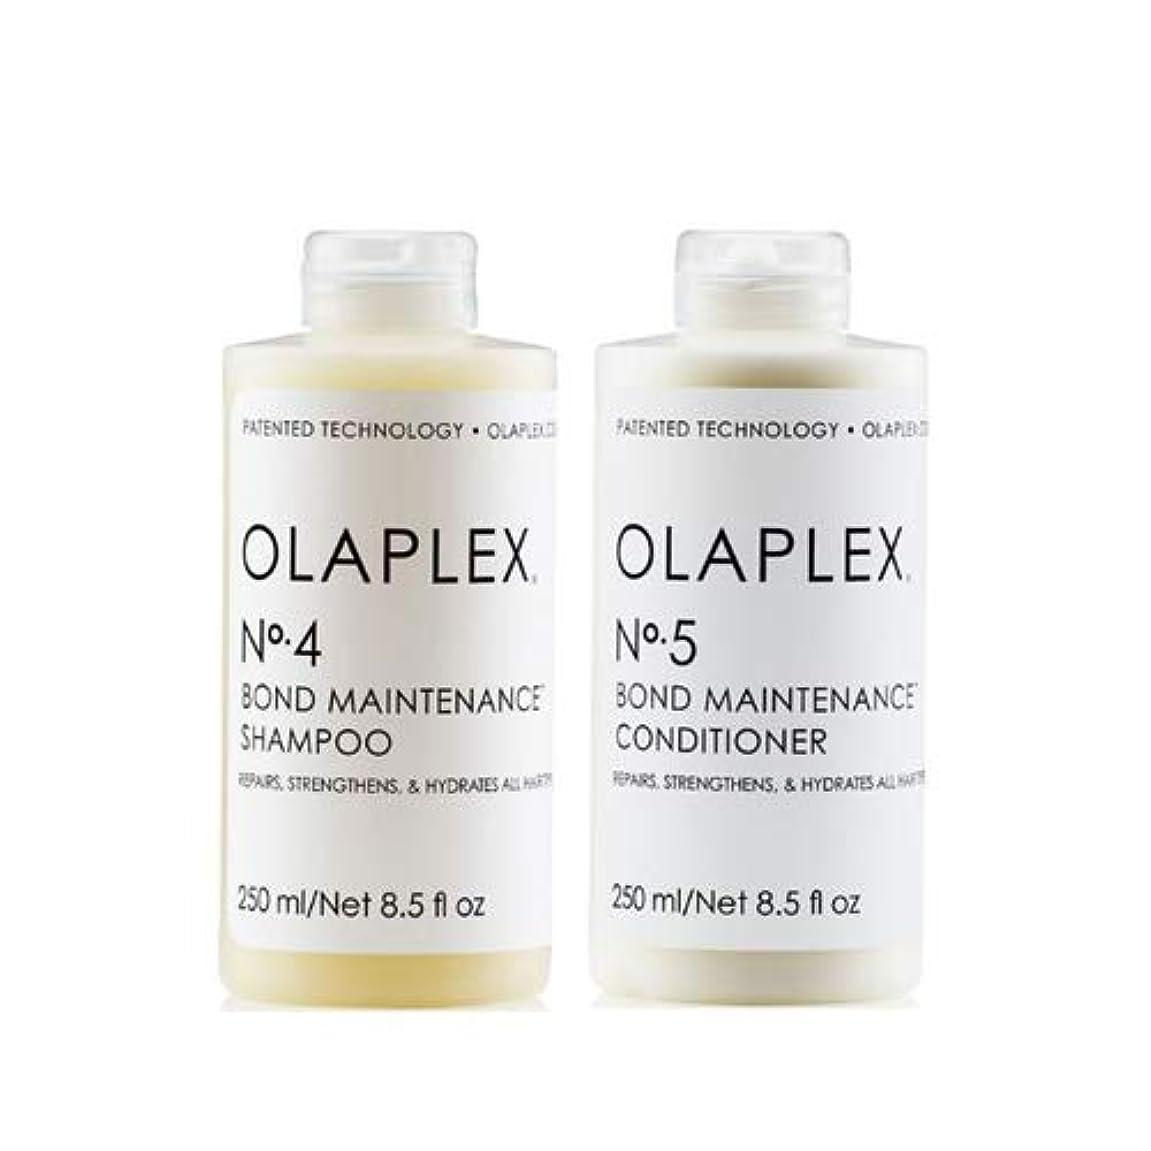 民主主義抜粋怠けたOlaplex オラプレックス No. 4 5 ボンド メンテナンス シャンプー&コンディショナー Olaplex Bond Maintenance Shampoo & Conditioner 【並行輸入品】